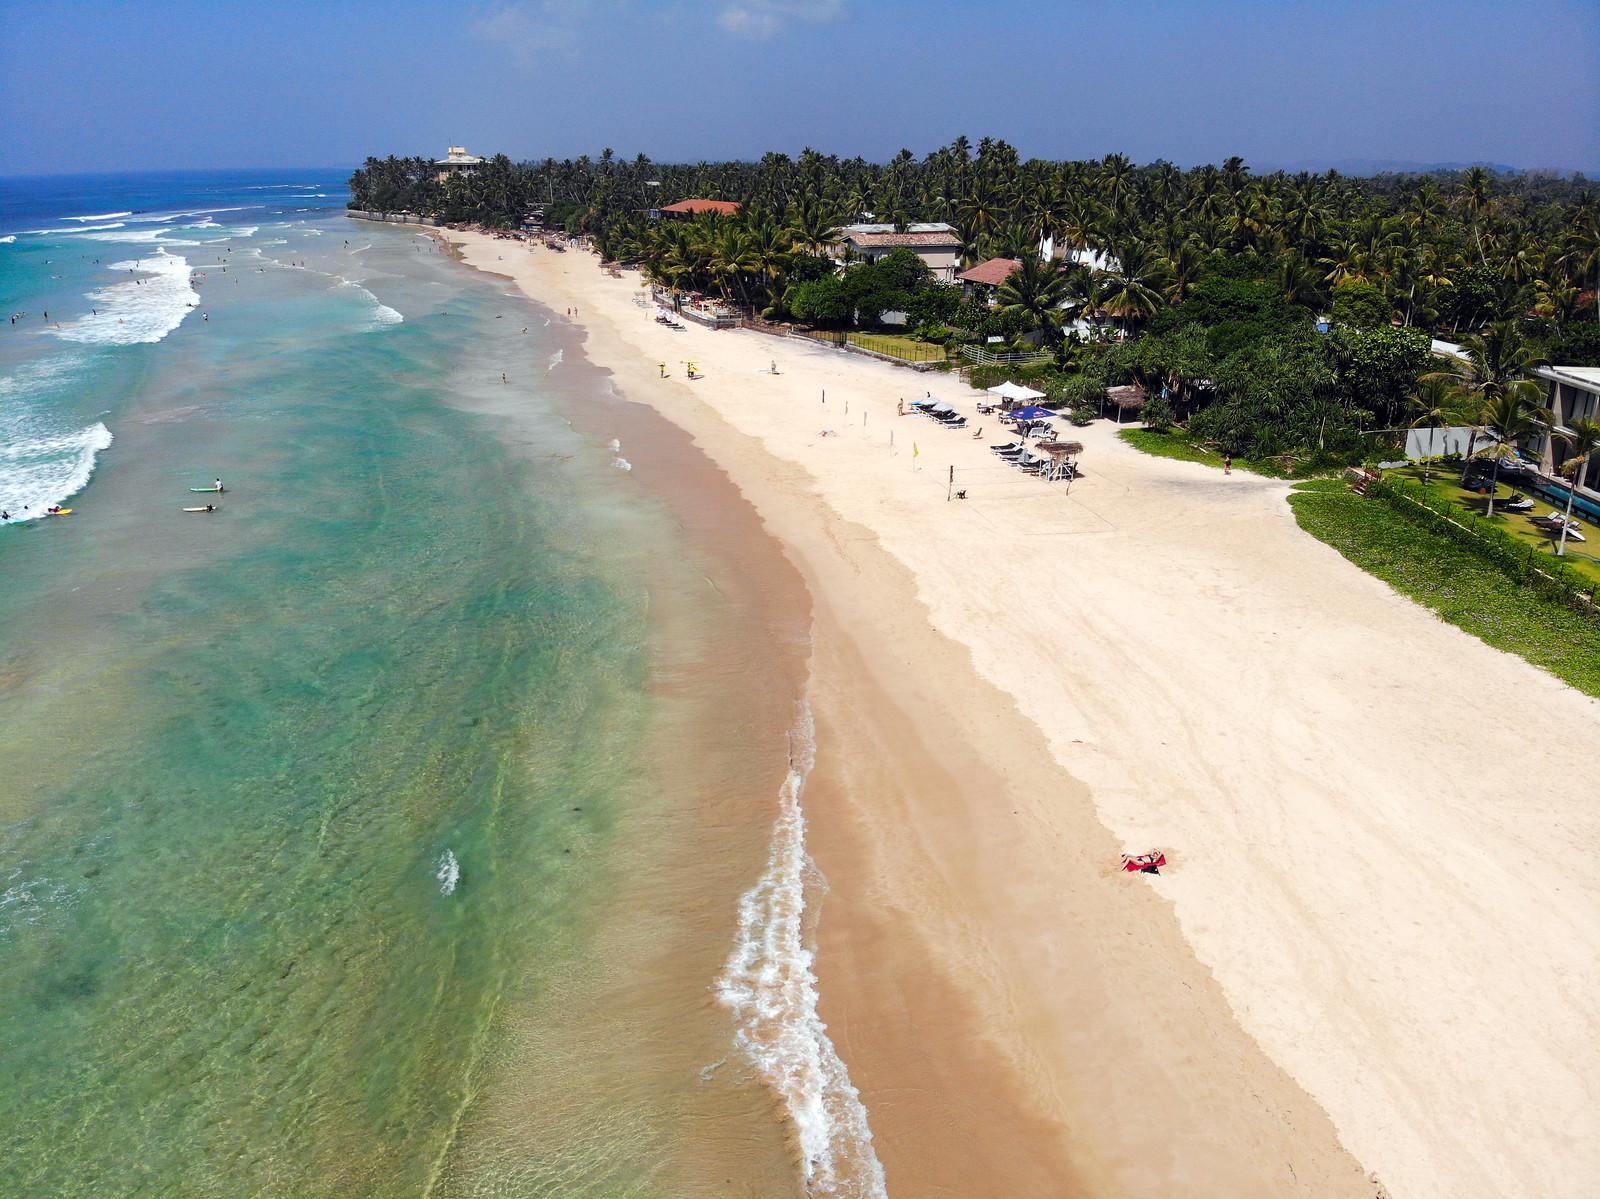 Qué hacer en Unawatuna, Sri Lanka qué hacer en unawatuna - 47083350072 0f21b442e4 h - Qué hacer en Unawatuna, el paraíso de Sri Lanka